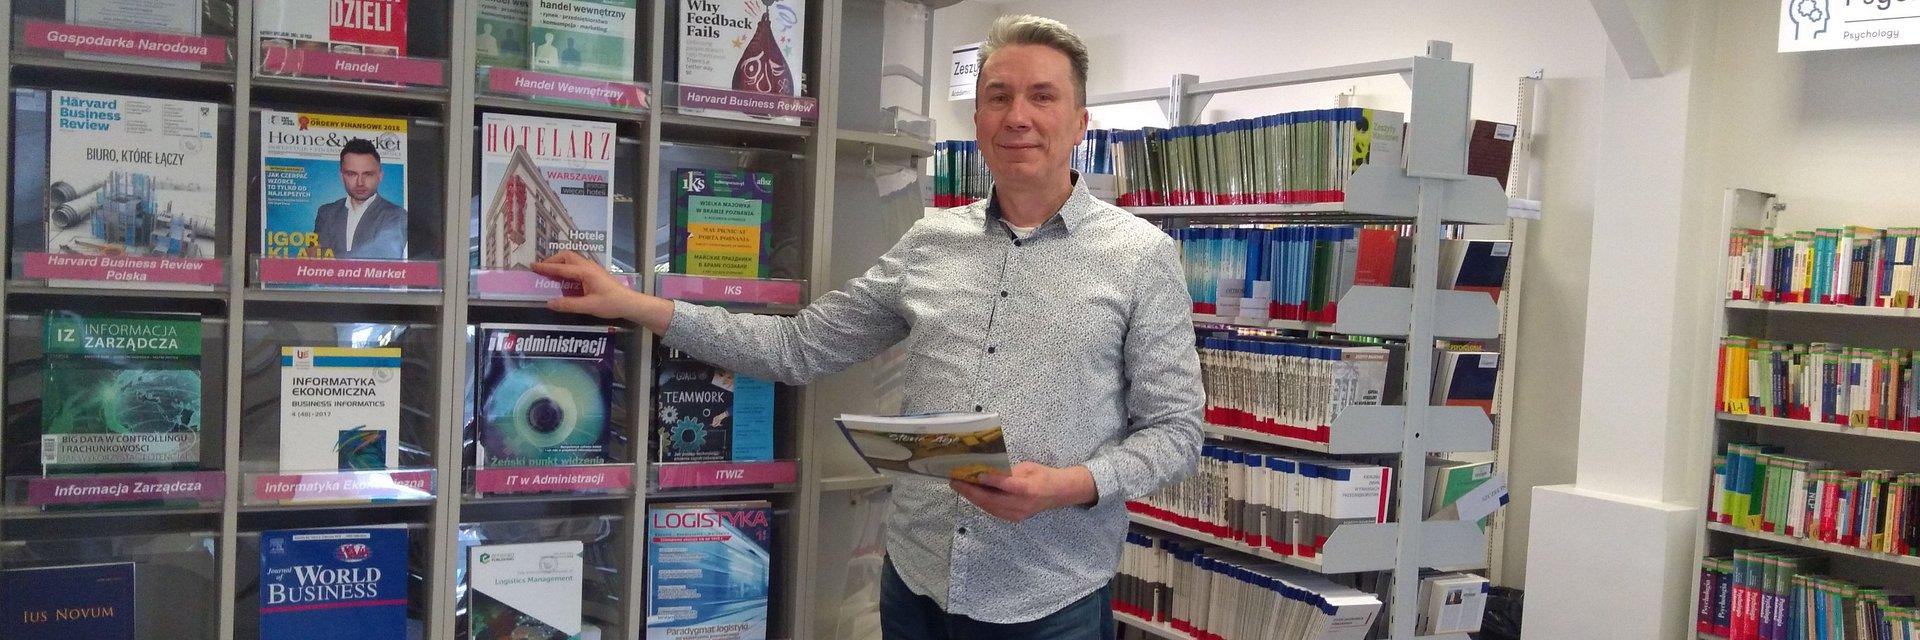 Wielkopolski Bibliotekarz Roku 2018 pracuje w WSB w Poznaniu